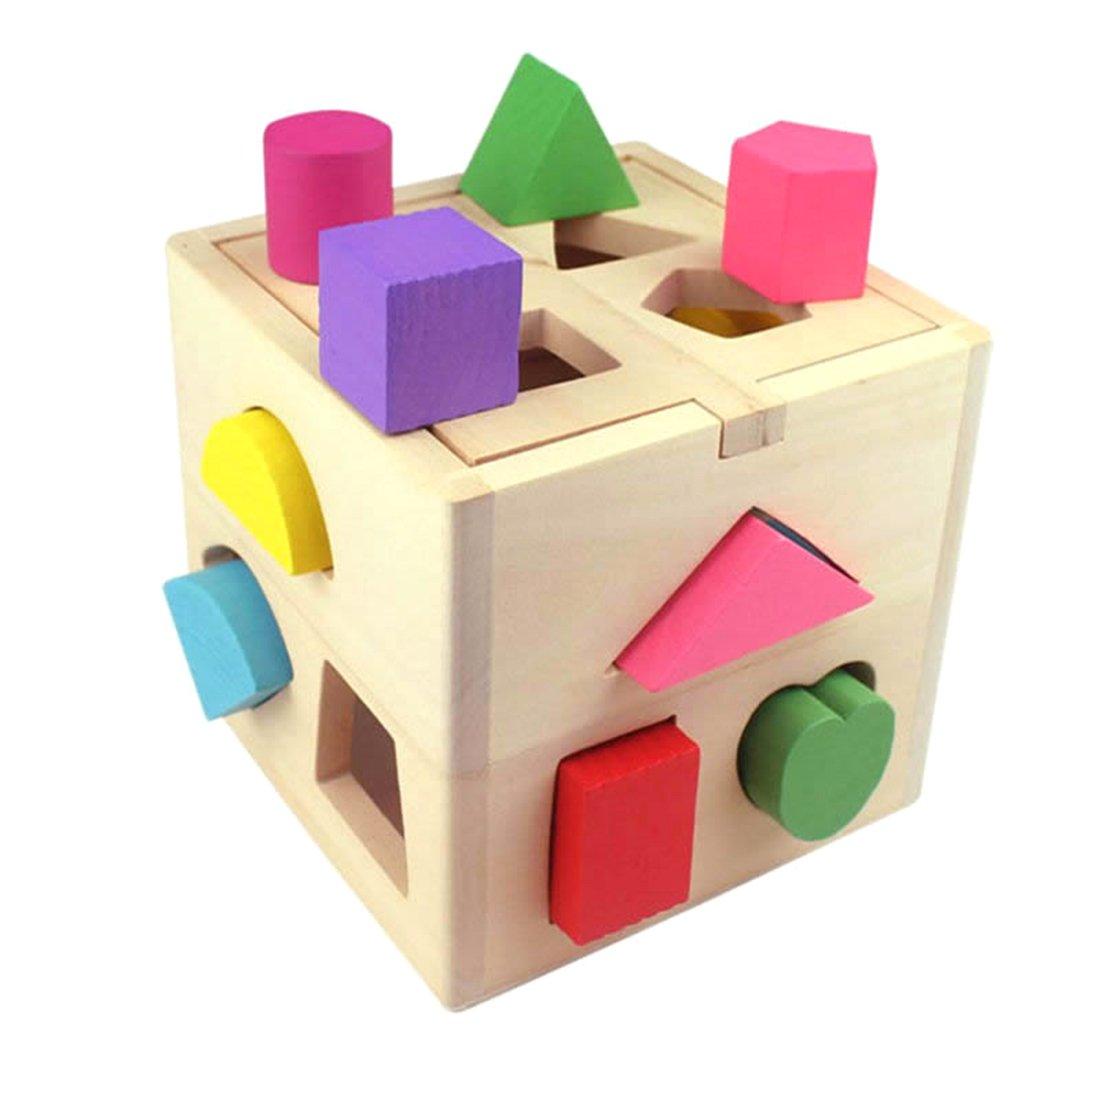 Bausteine, Intelligenzbox fü r Formsortierer, kognitive und passende Holzbausteine Lernspielzeug fü r Kinder Kinder Sortierspielzeug Holzblö cke fü r Kinder DUBU